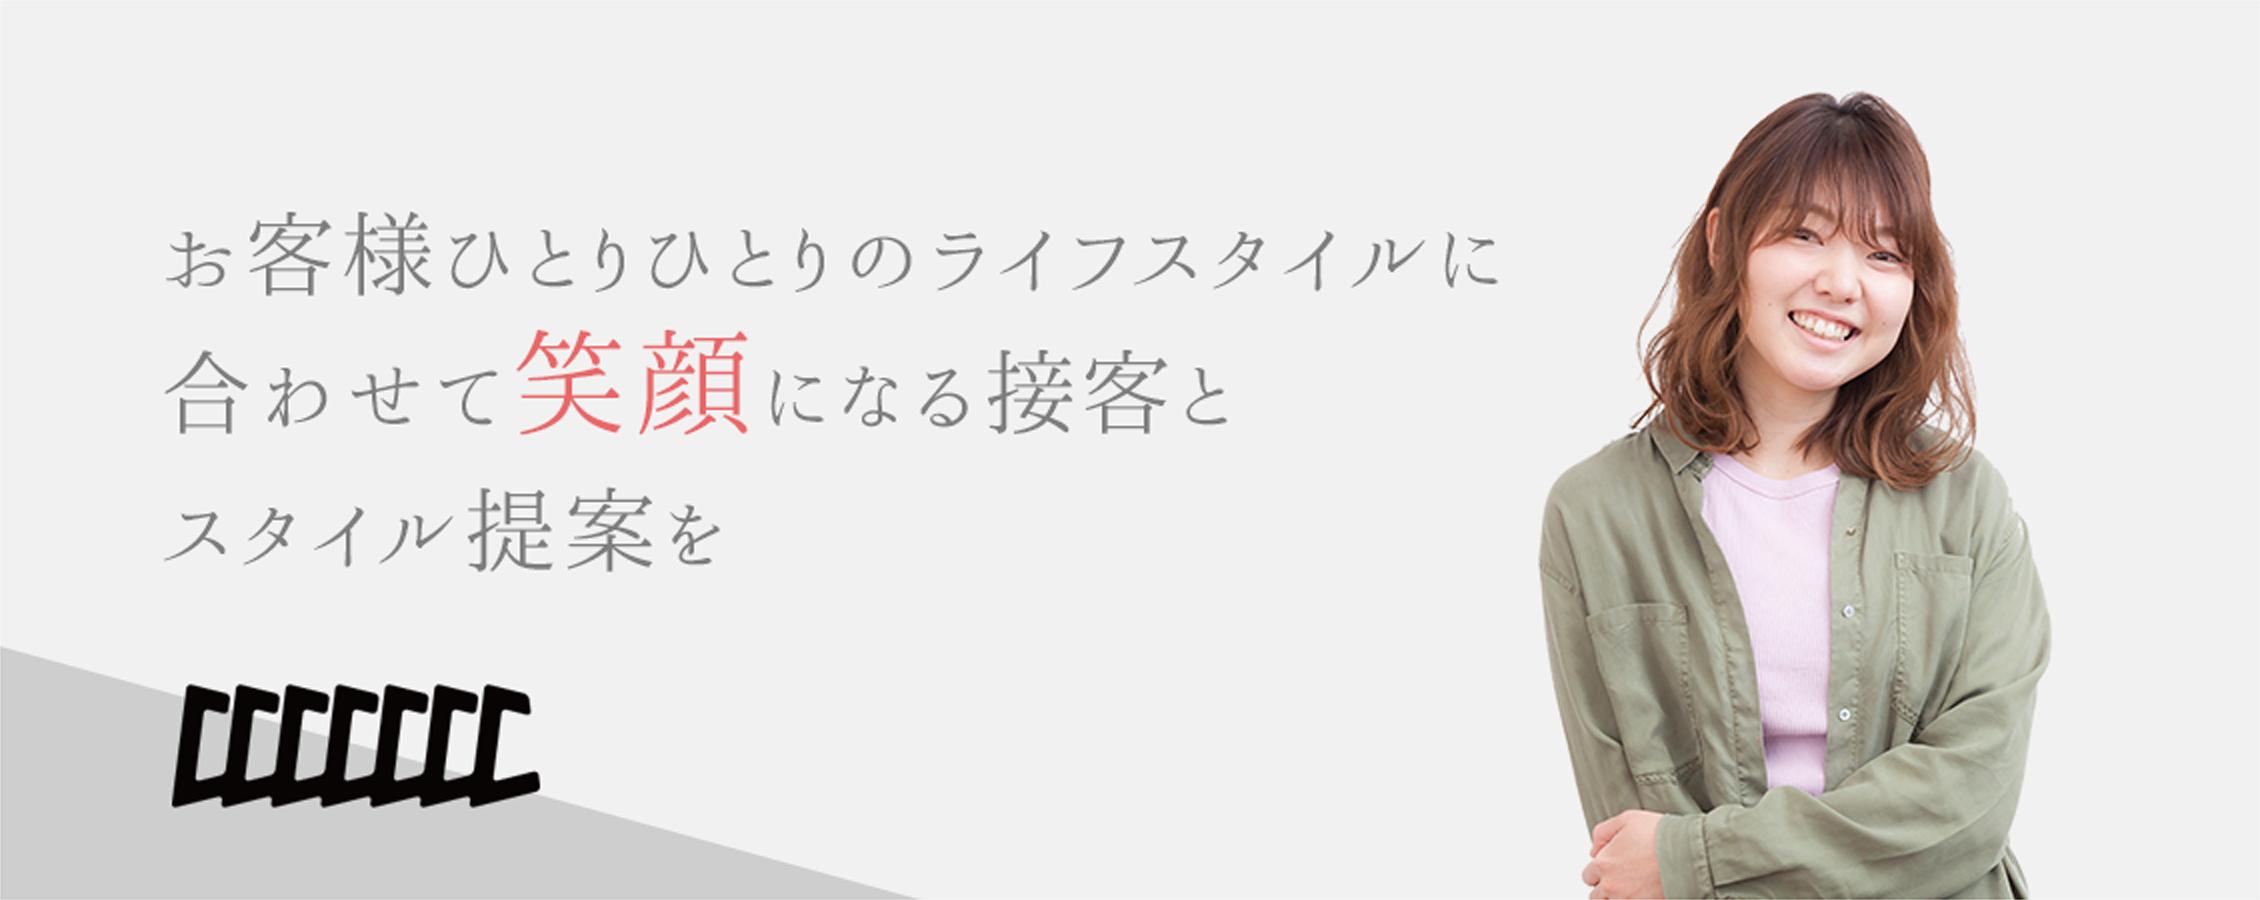 お客様ひとりひとりのライフスタイルに合わせて笑顔になる接客とスタイルを提案